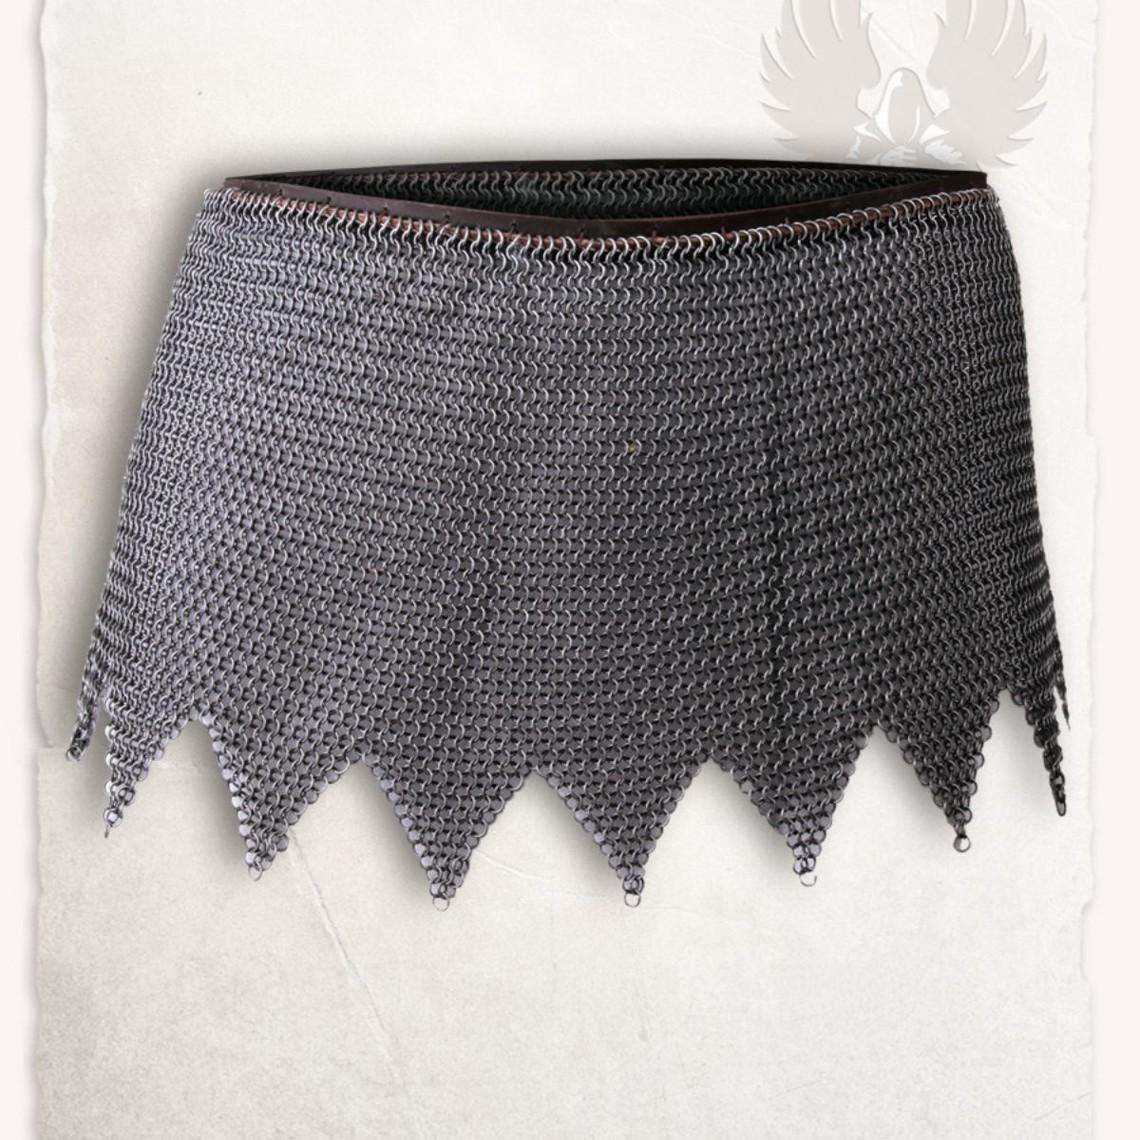 Mytholon Chainmail nederdel Richard, blødt stål, butted